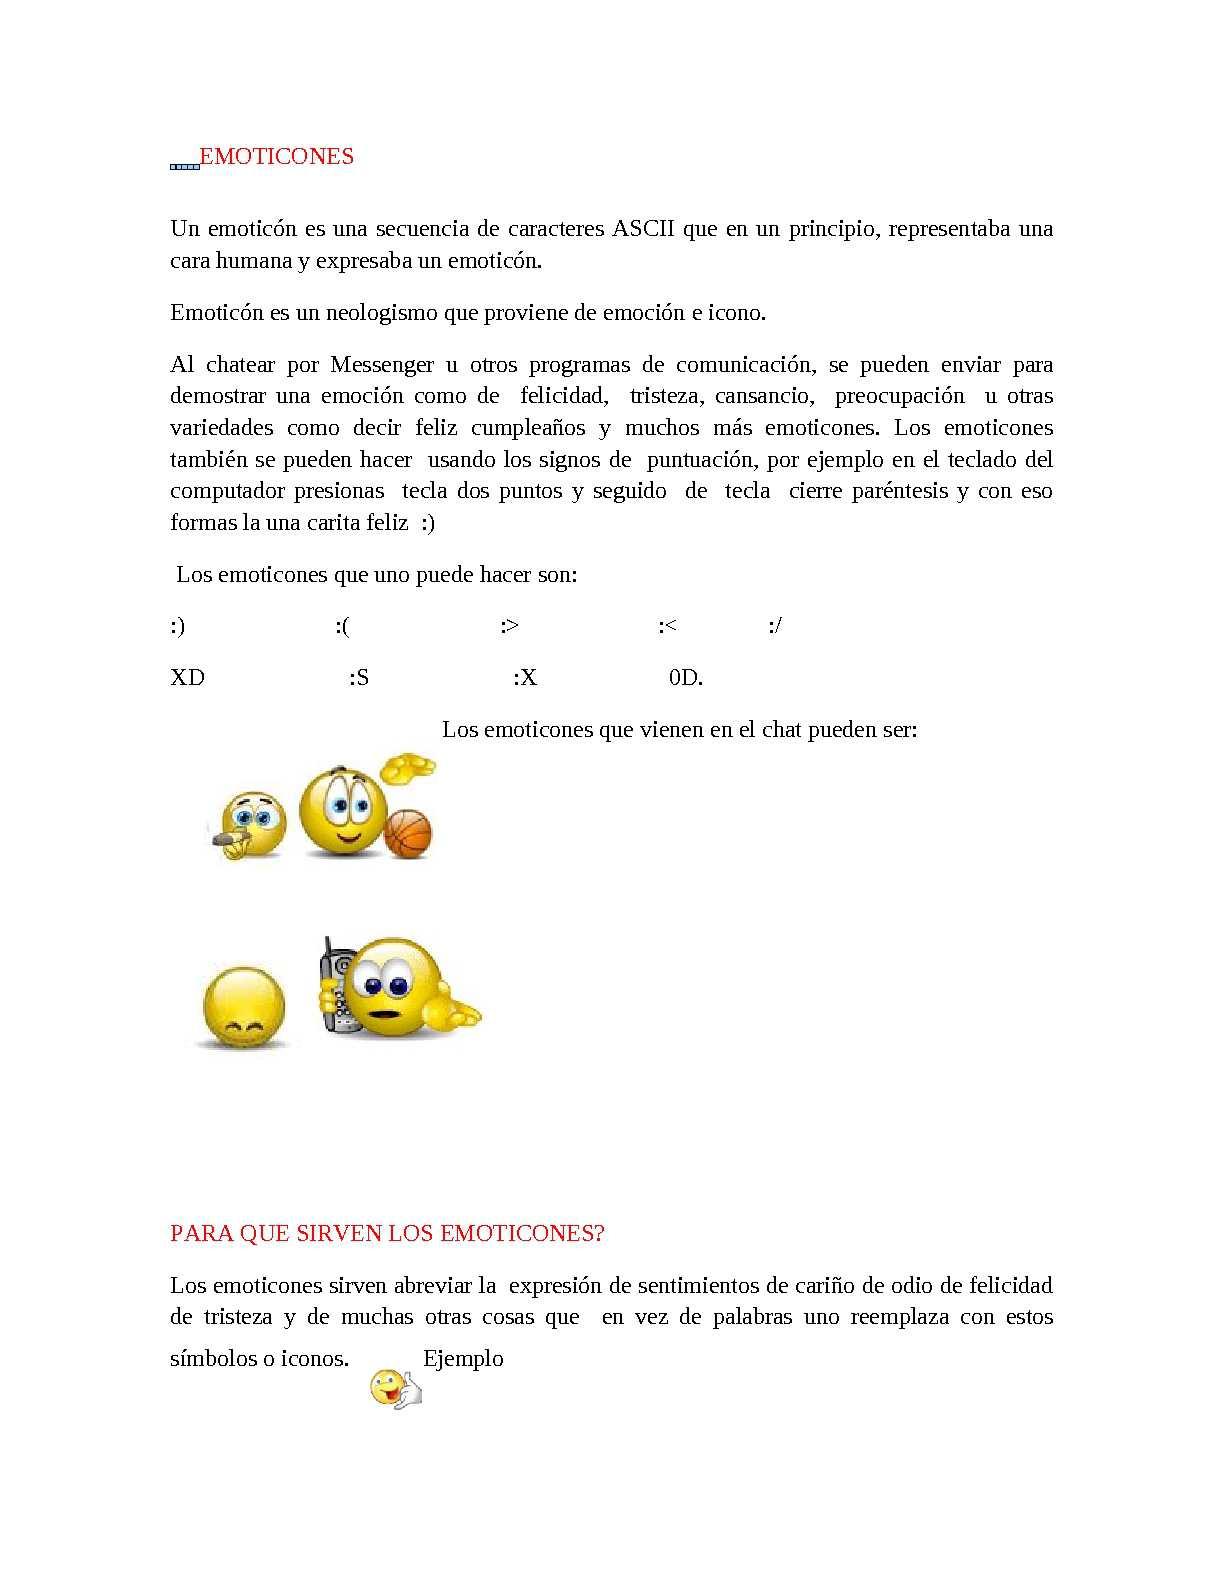 Barco Desde Espa/ña Transpirables Equipo de protecci/ón con El/ástico Banda para Los O/ídos al Aire Libre Reutilizable Jasinto 5 emoticonos visuales Transparentes f/áciles de comunicar Lavable